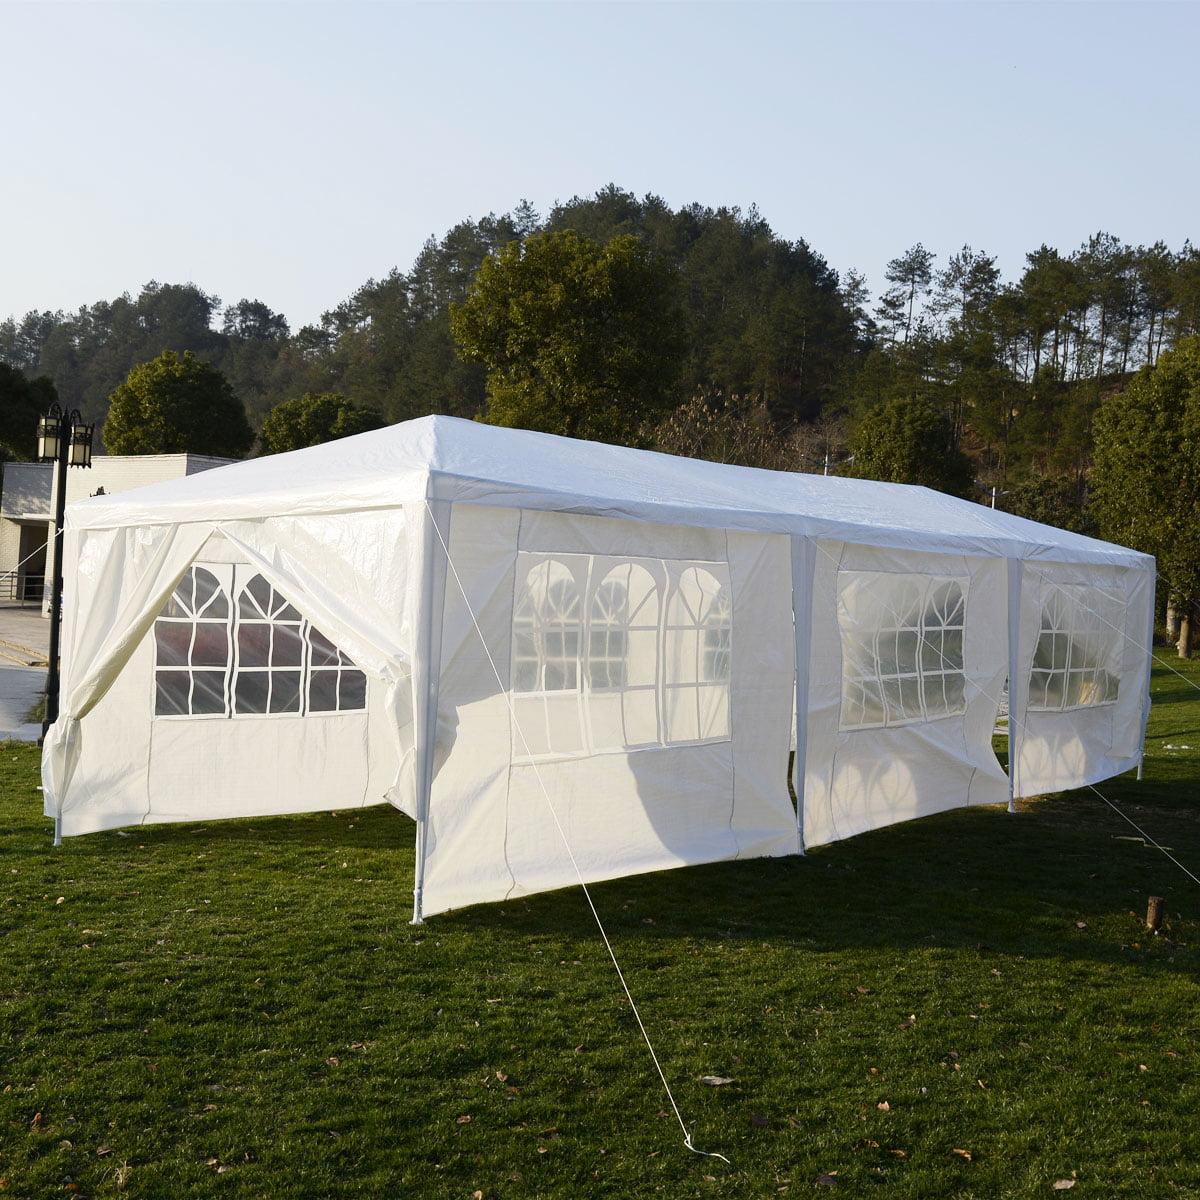 Ktaxon New 10u0027x30u0027 Party Wedding Outdoor Patio Tent Canopy Heavy duty Gazebo Pavilion with 8 Side Walls - Walmart.com & Ktaxon New 10u0027x30u0027 Party Wedding Outdoor Patio Tent Canopy Heavy ...